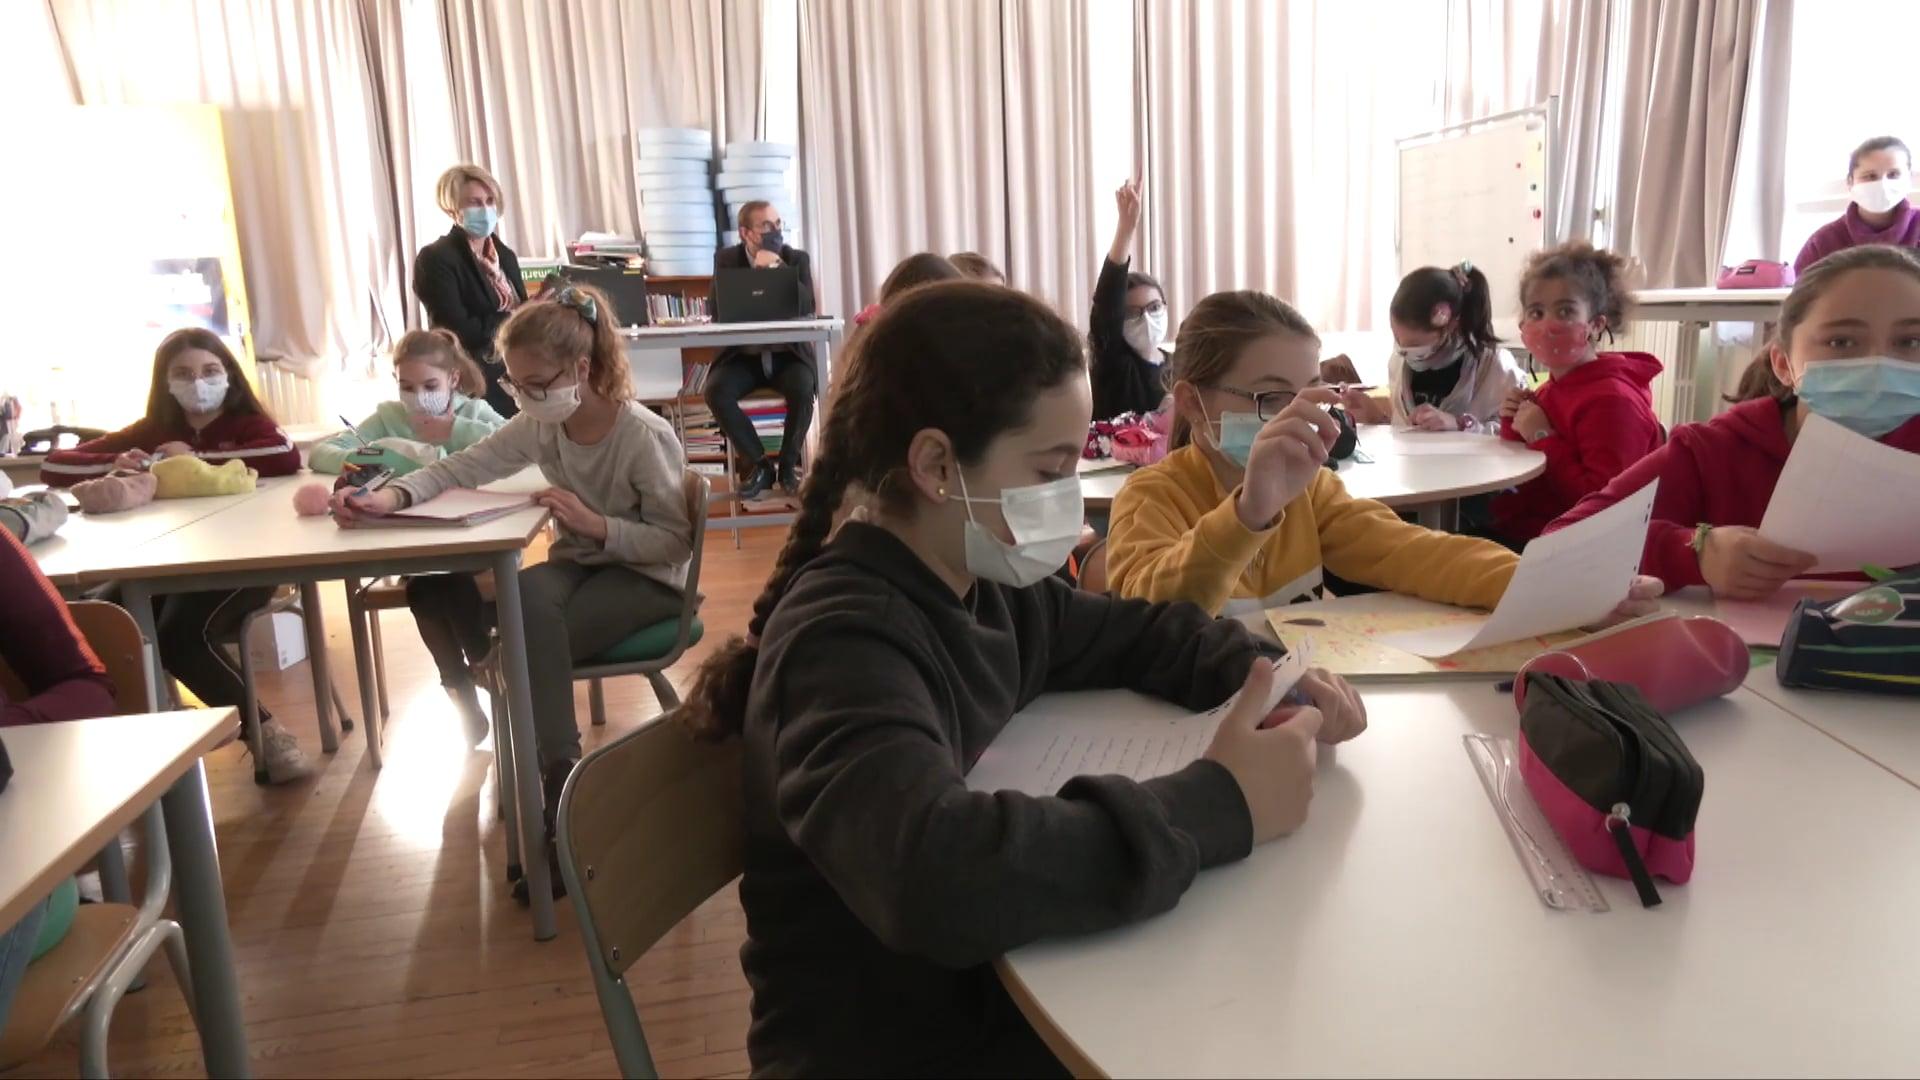 Odyssée, un programme ambitieux sur le patrimoine et son partage destiné à 4 classes de CM2 à Limoges